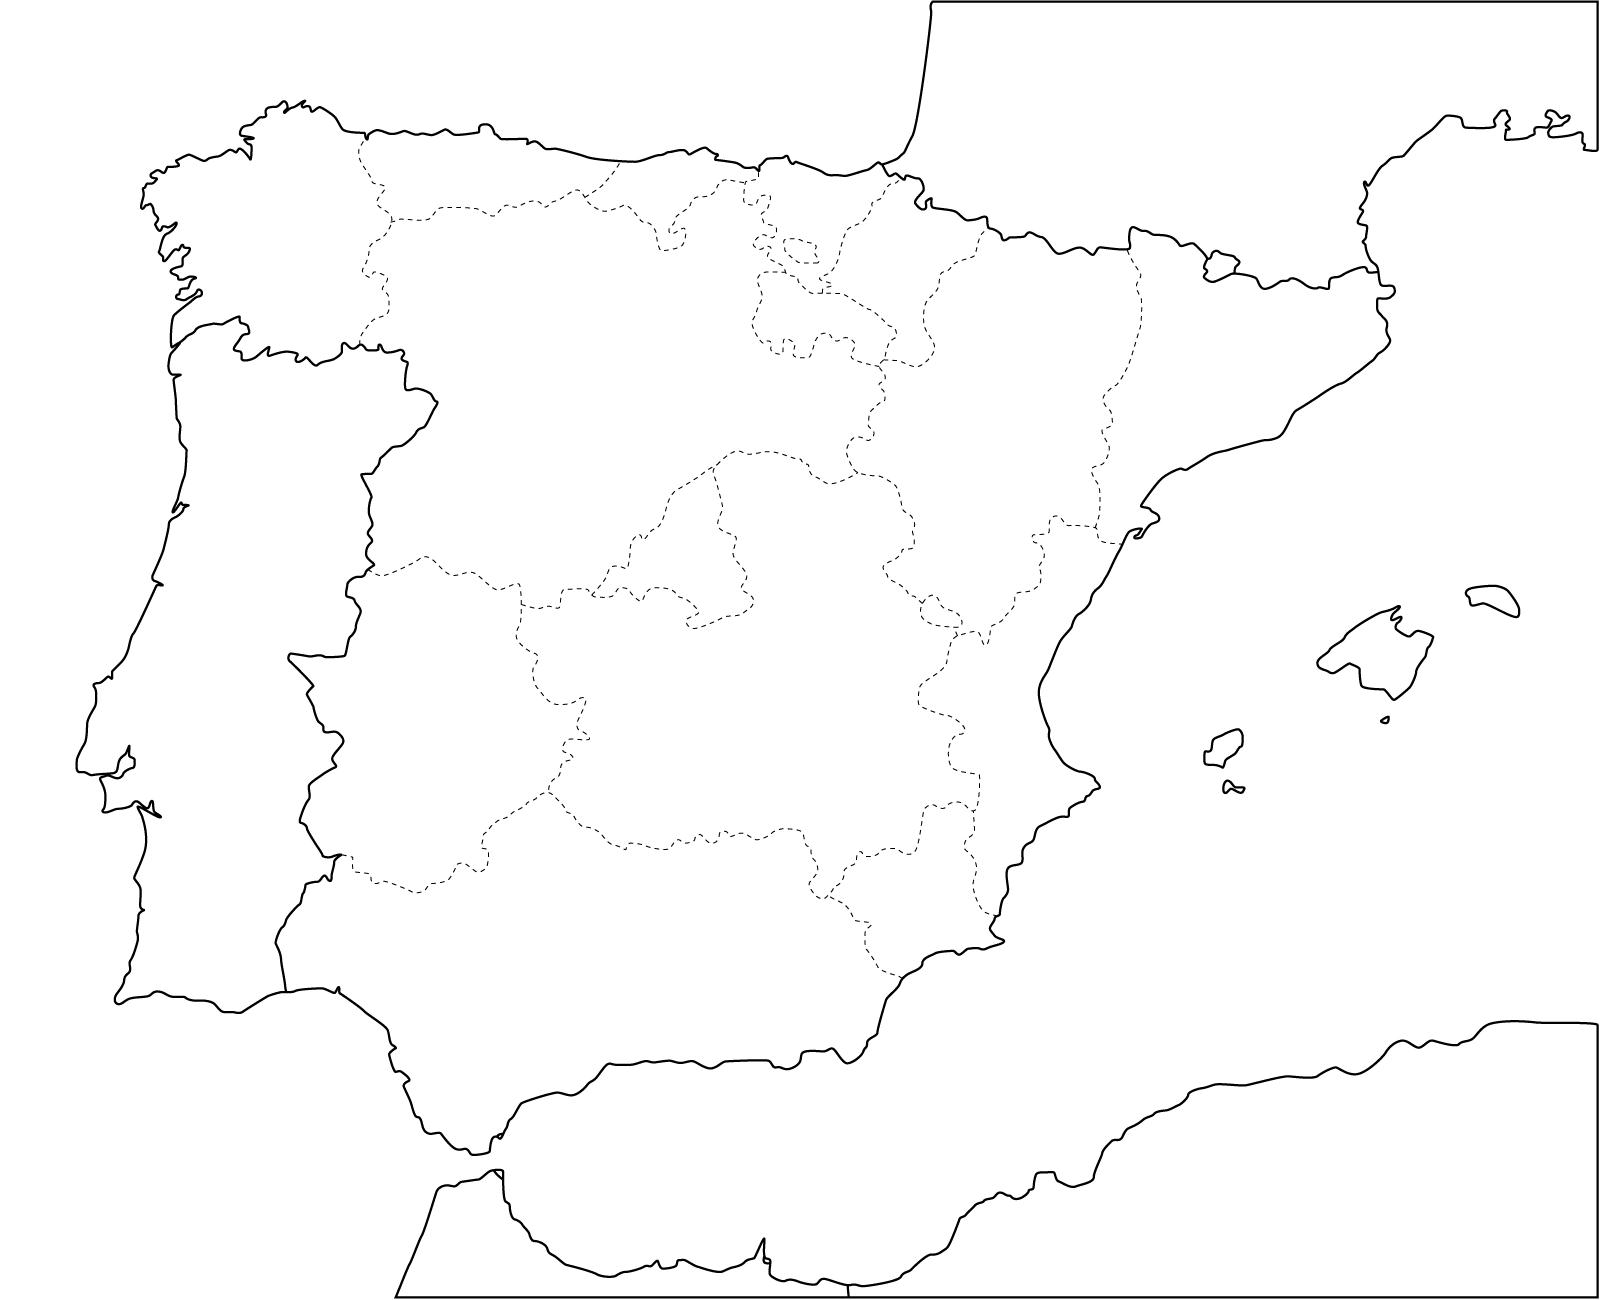 Mapa político mudo de España para imprimir Mapa de comunidades